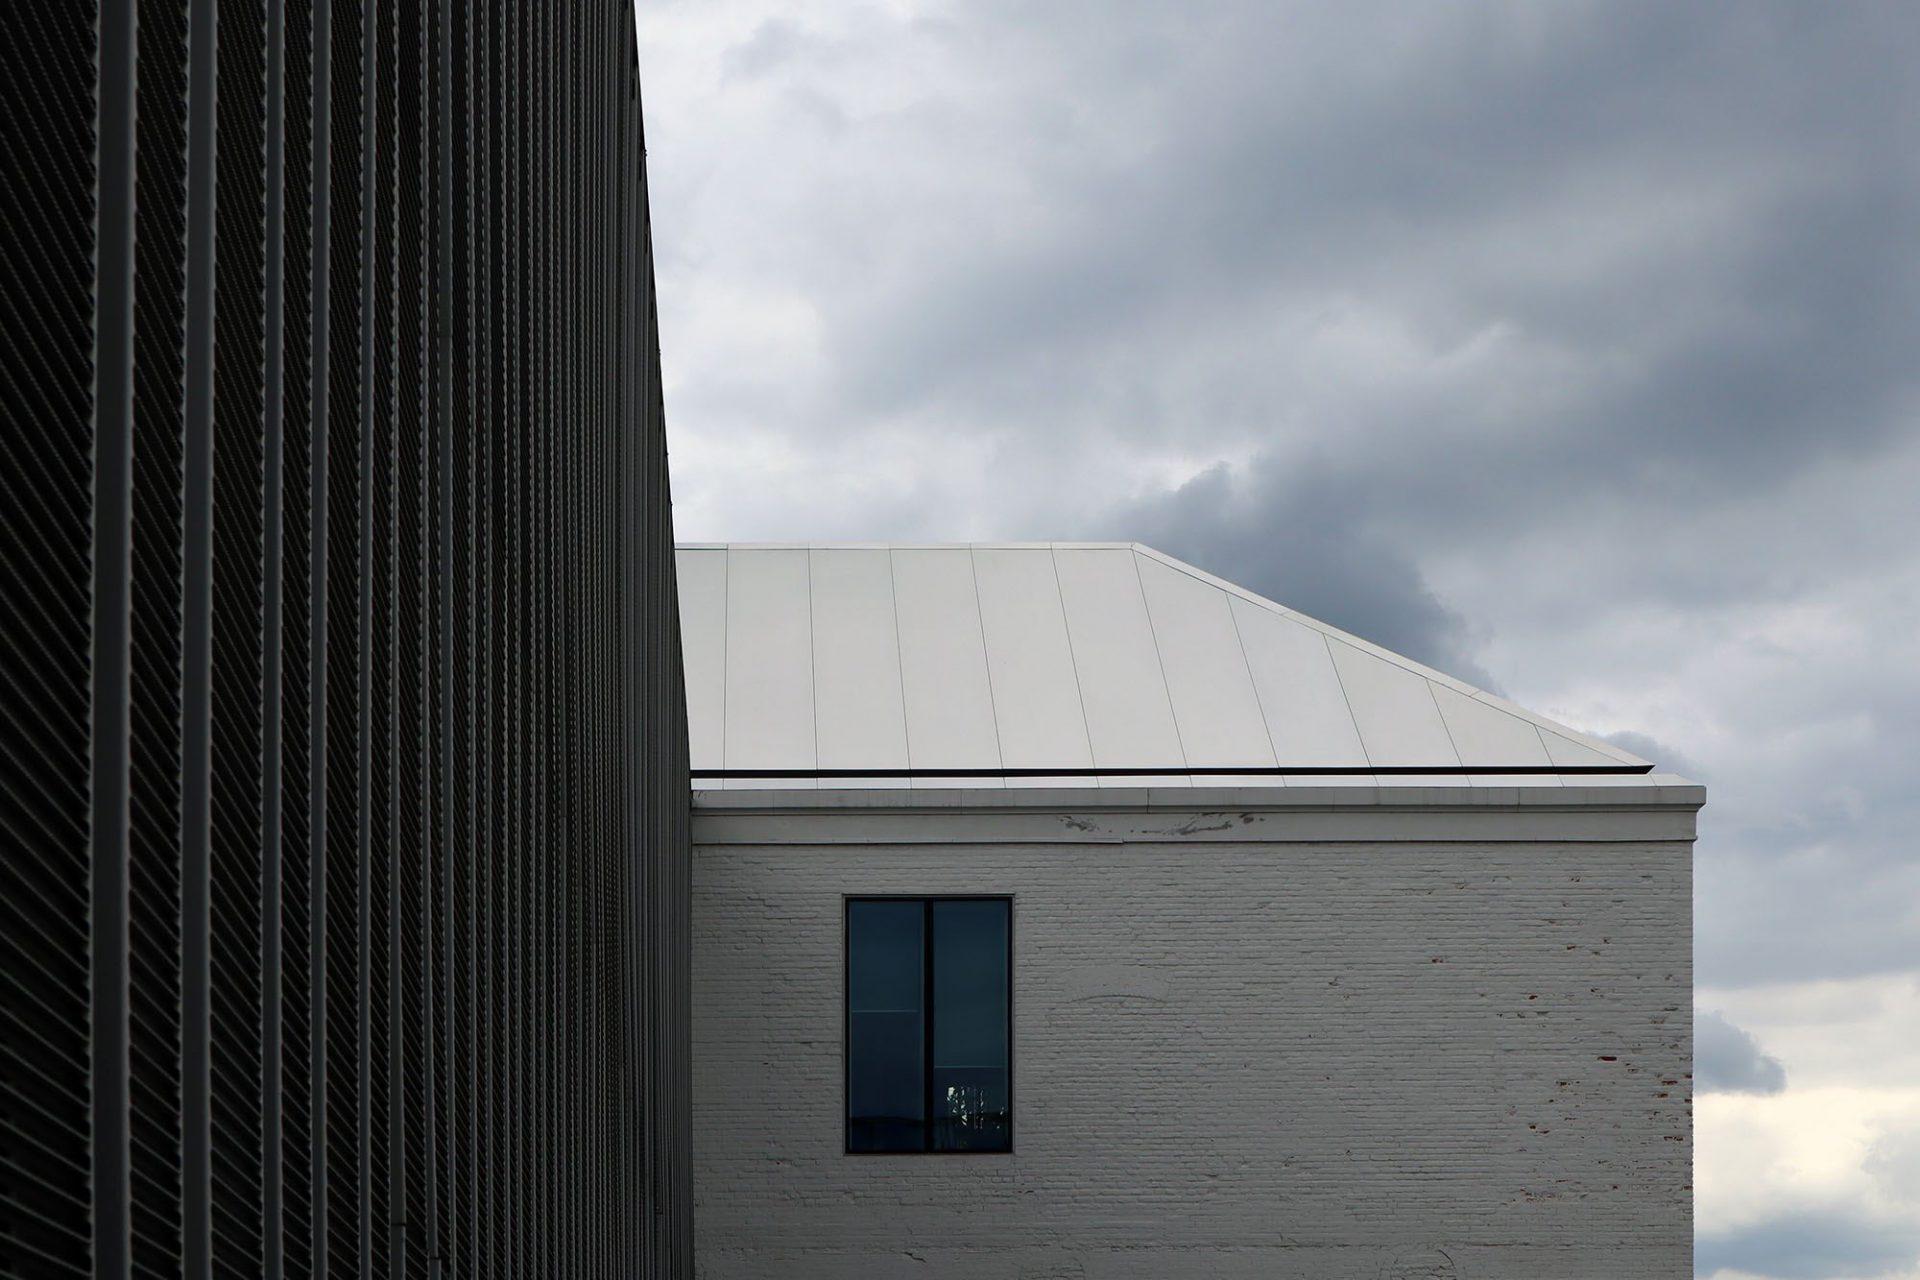 De Cacaofabriek. Das Delfter Büro cepezed entwickelte die Fragmente des Industrieerbes auf überzeugende Weise zu einem neuen Kulturquartier.